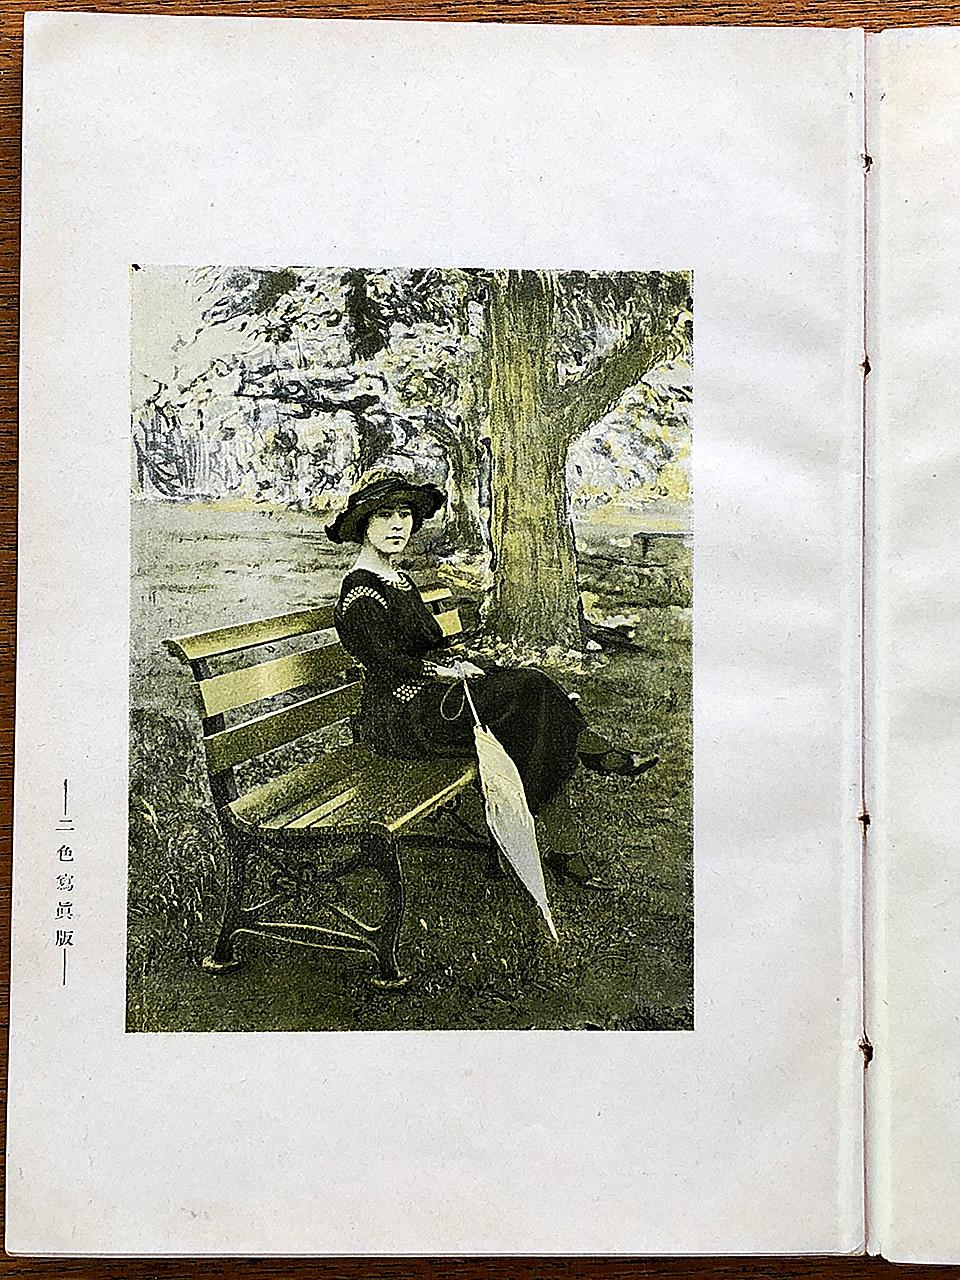 からふね屋1927年営業のしおり2色印刷